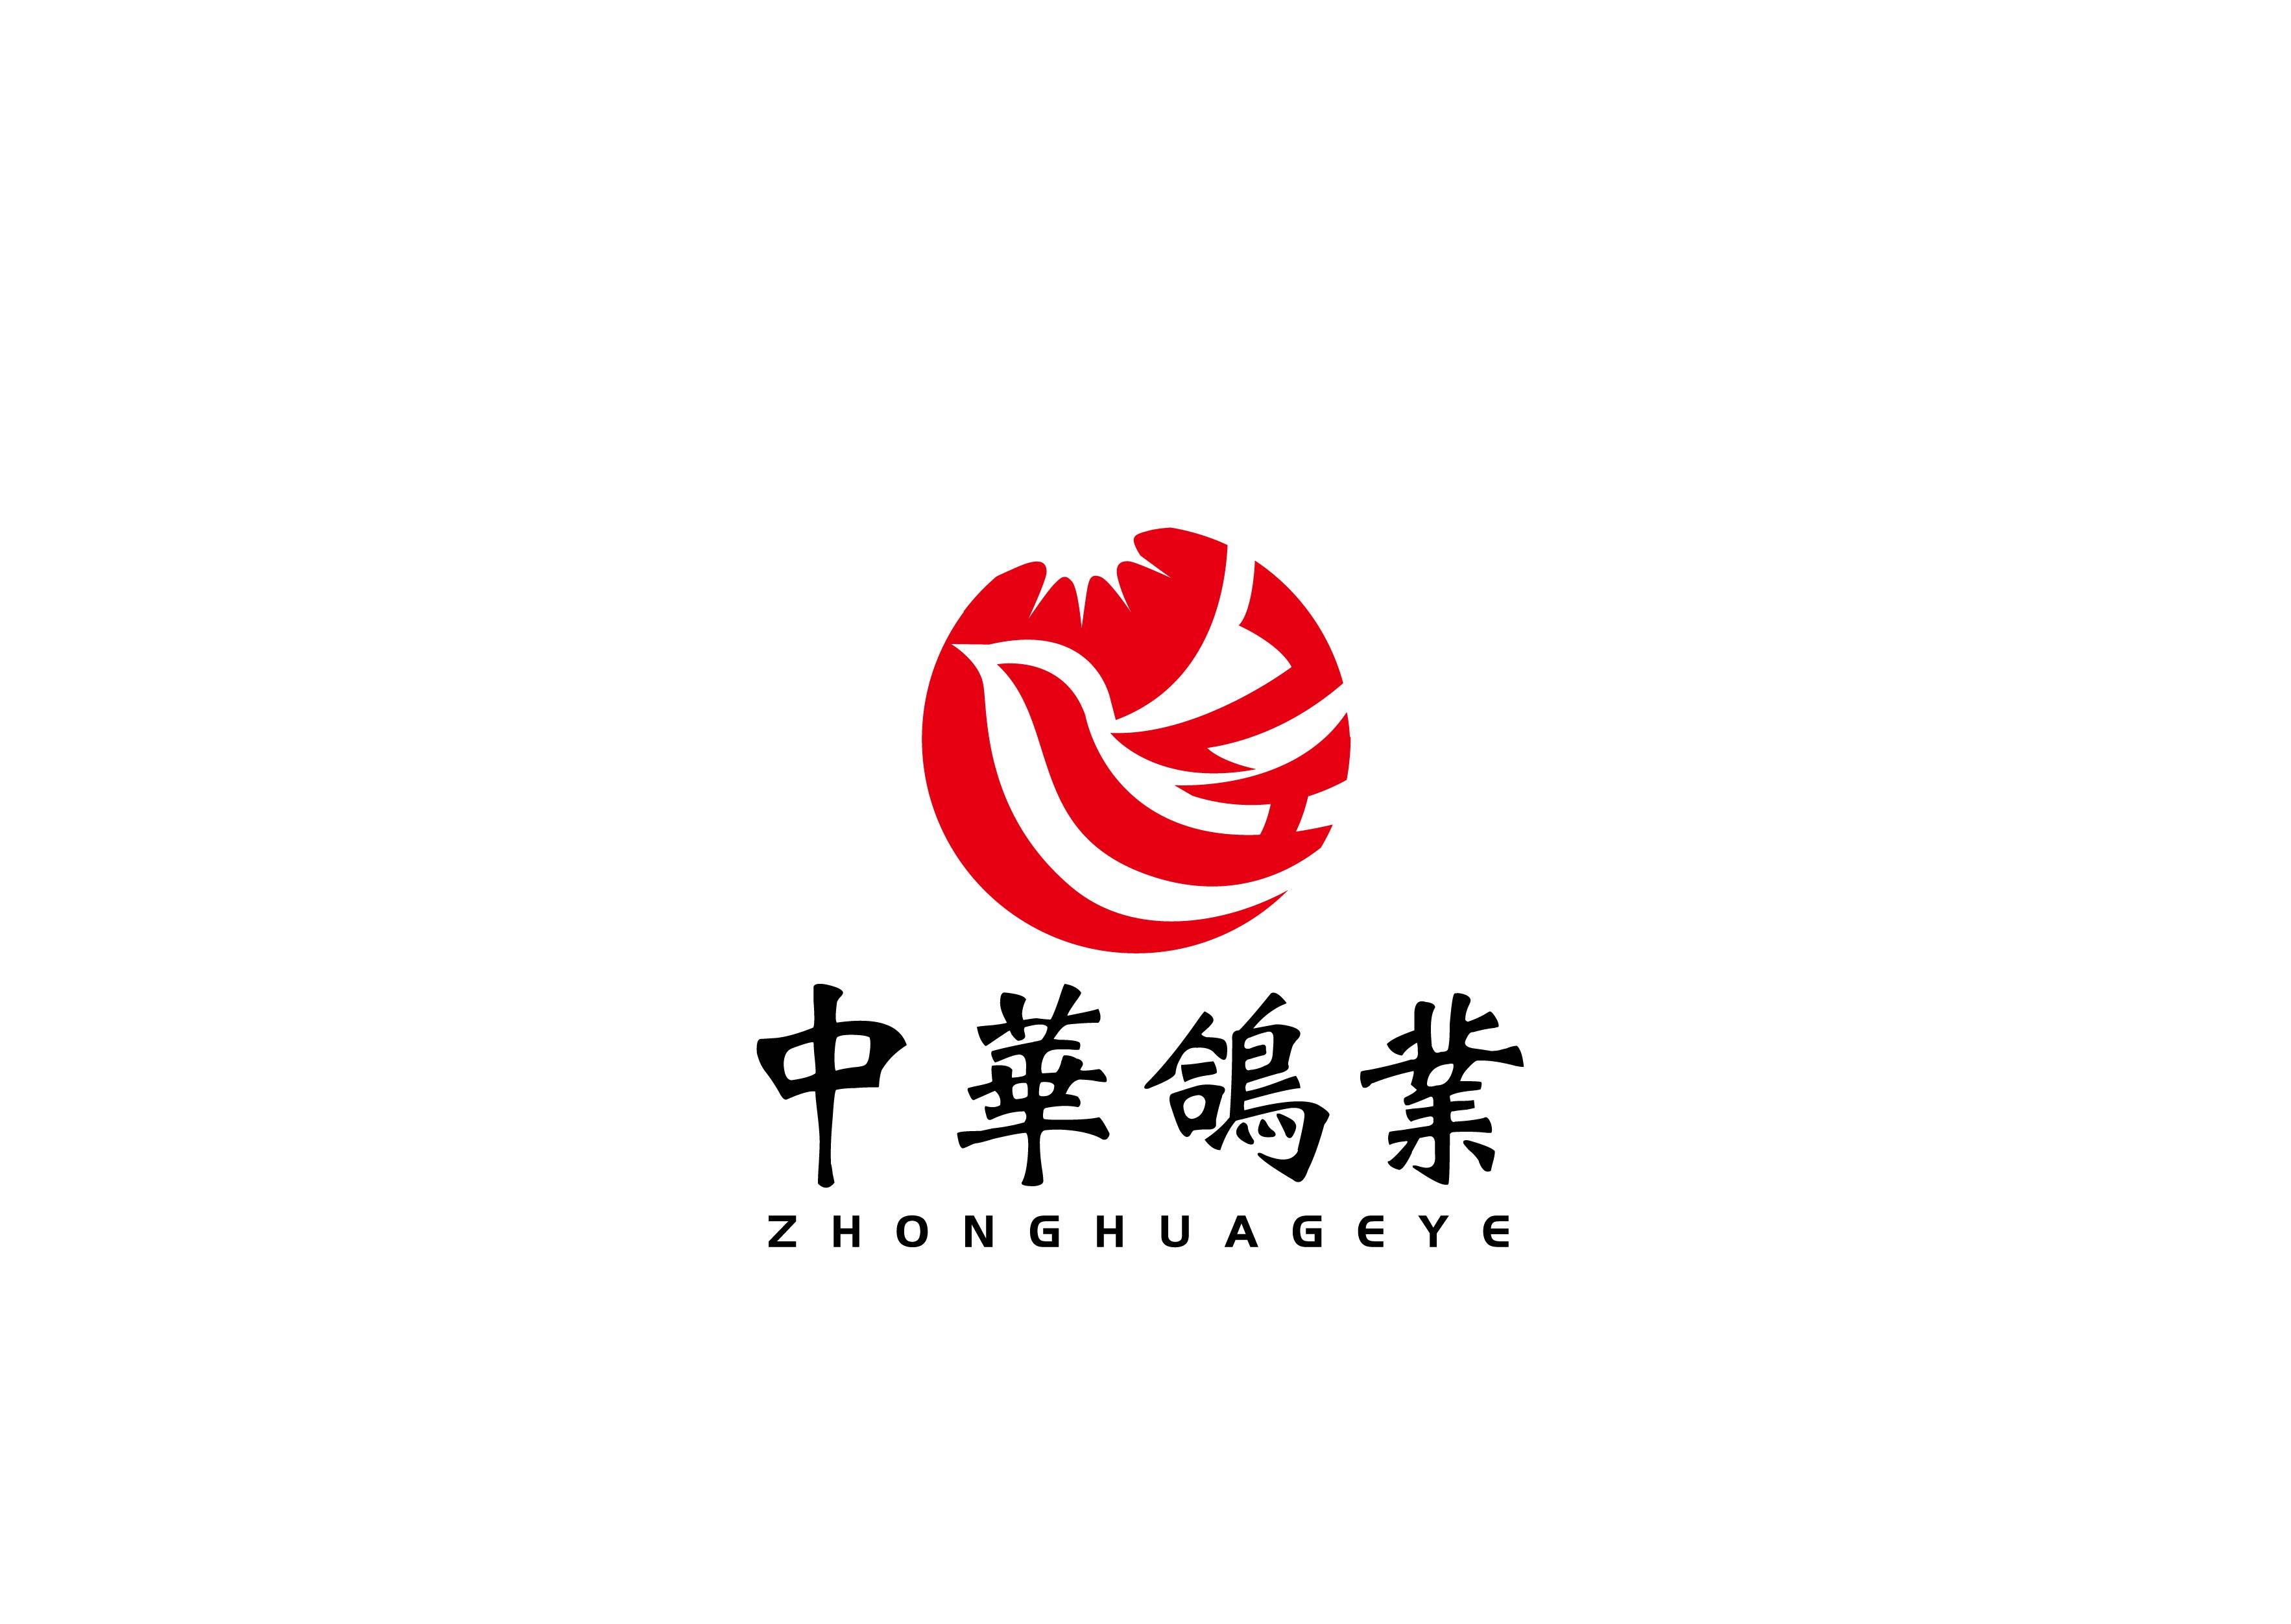 中华鸽业旗舰店